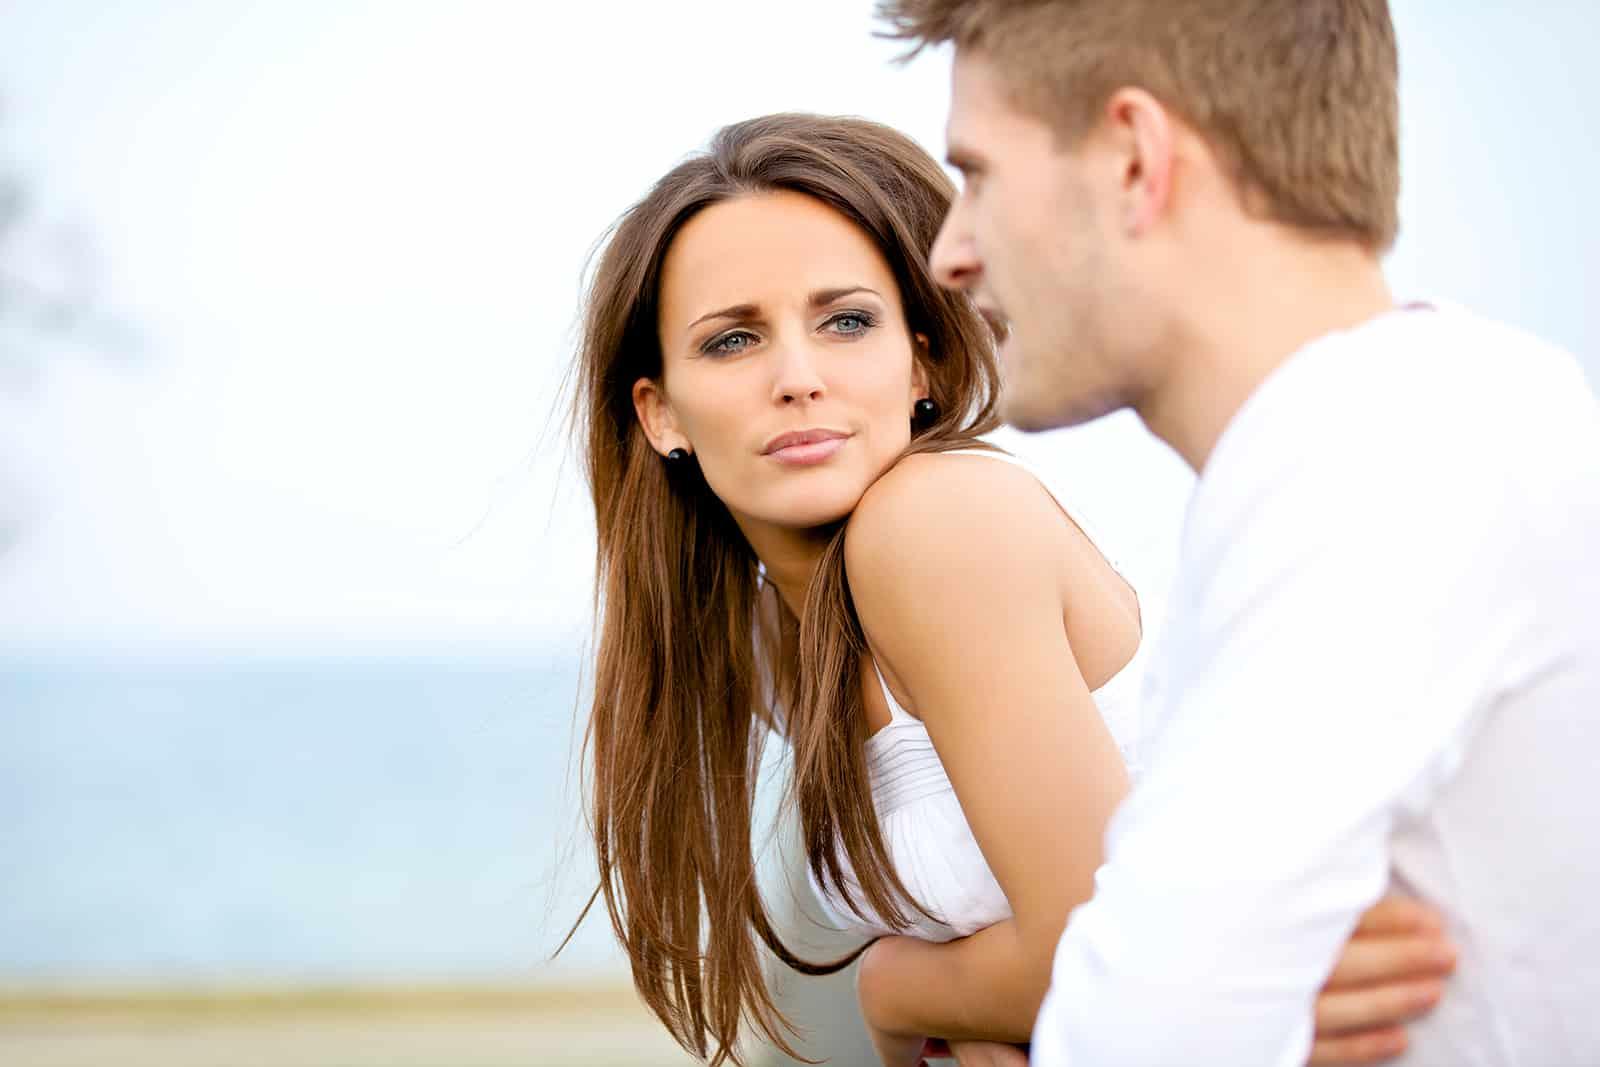 une femme écoutant attentivement un homme debout à l'extérieur